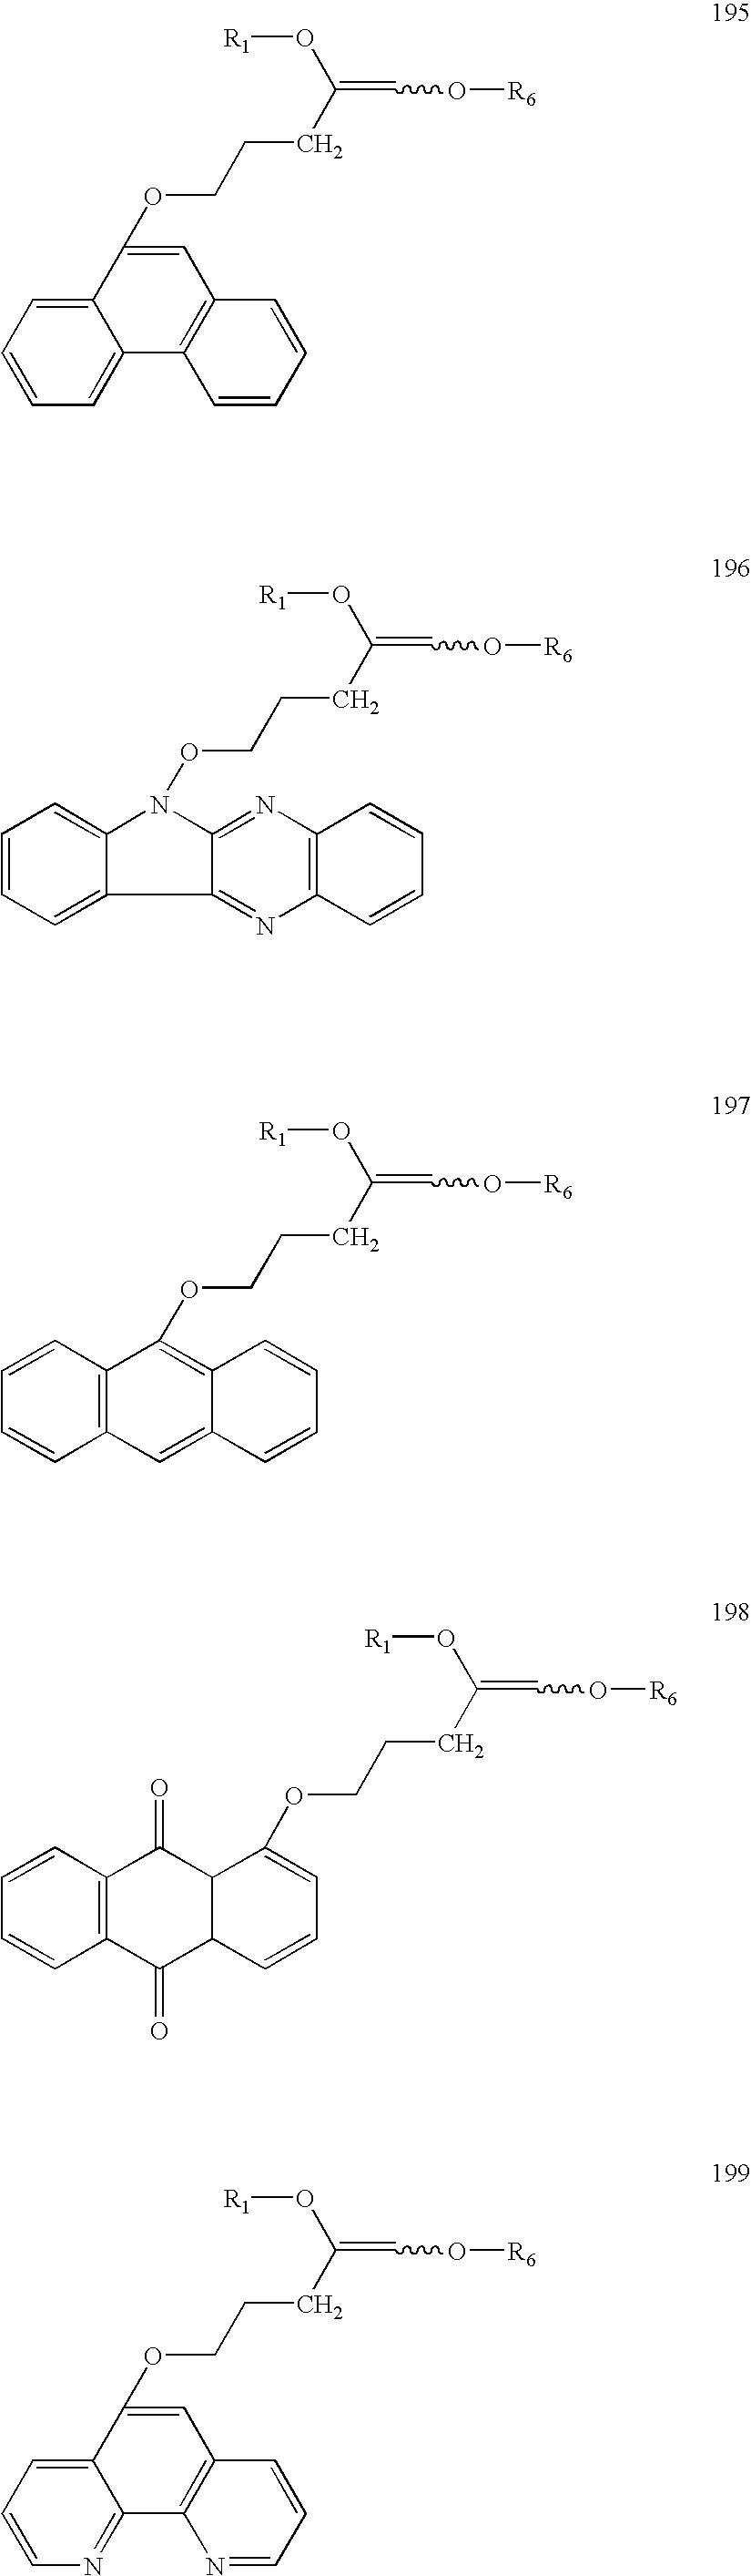 Figure US20060014144A1-20060119-C00131